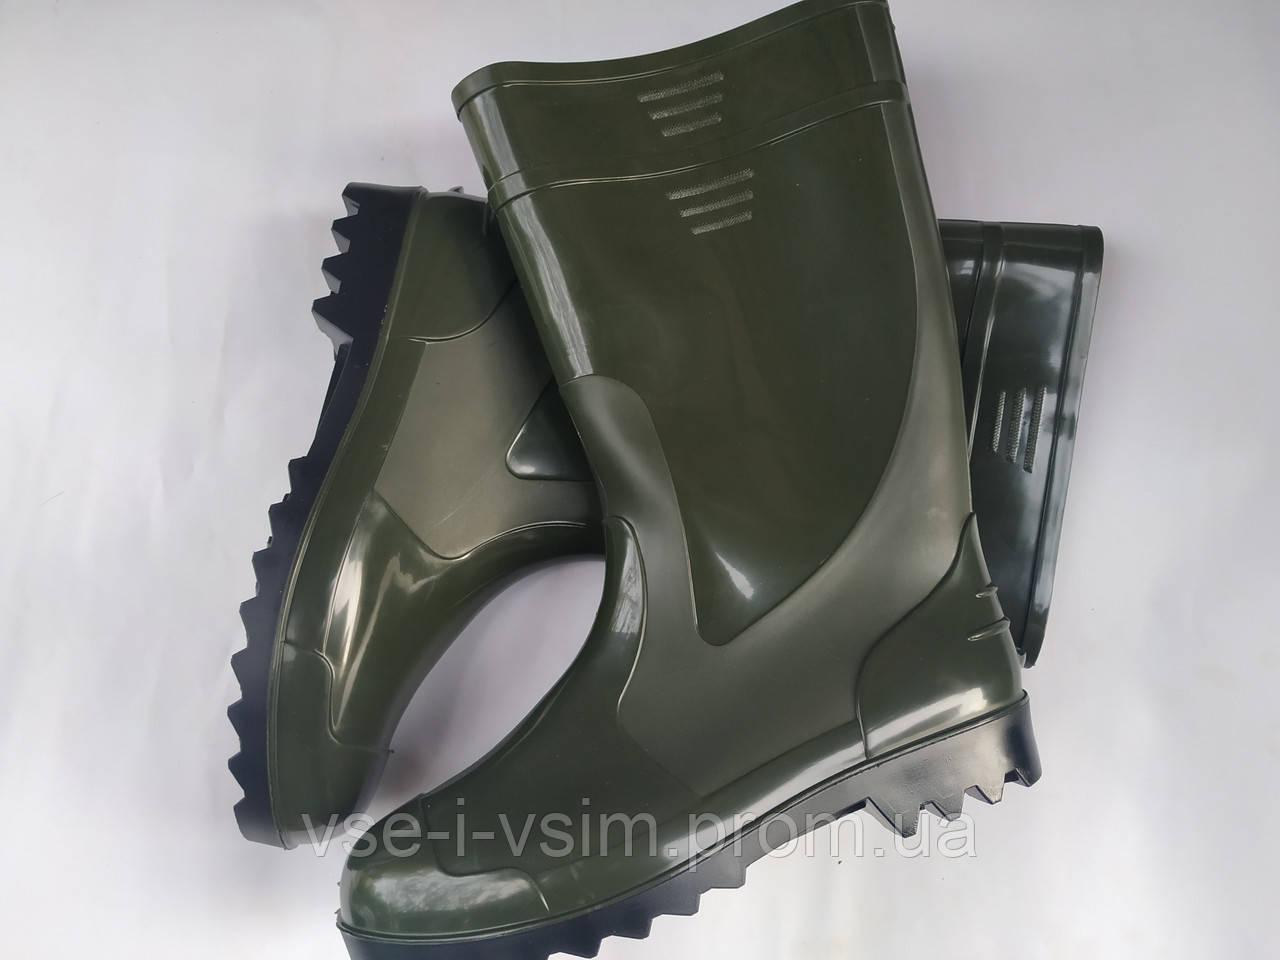 Резиновые сапоги Litma размер 45